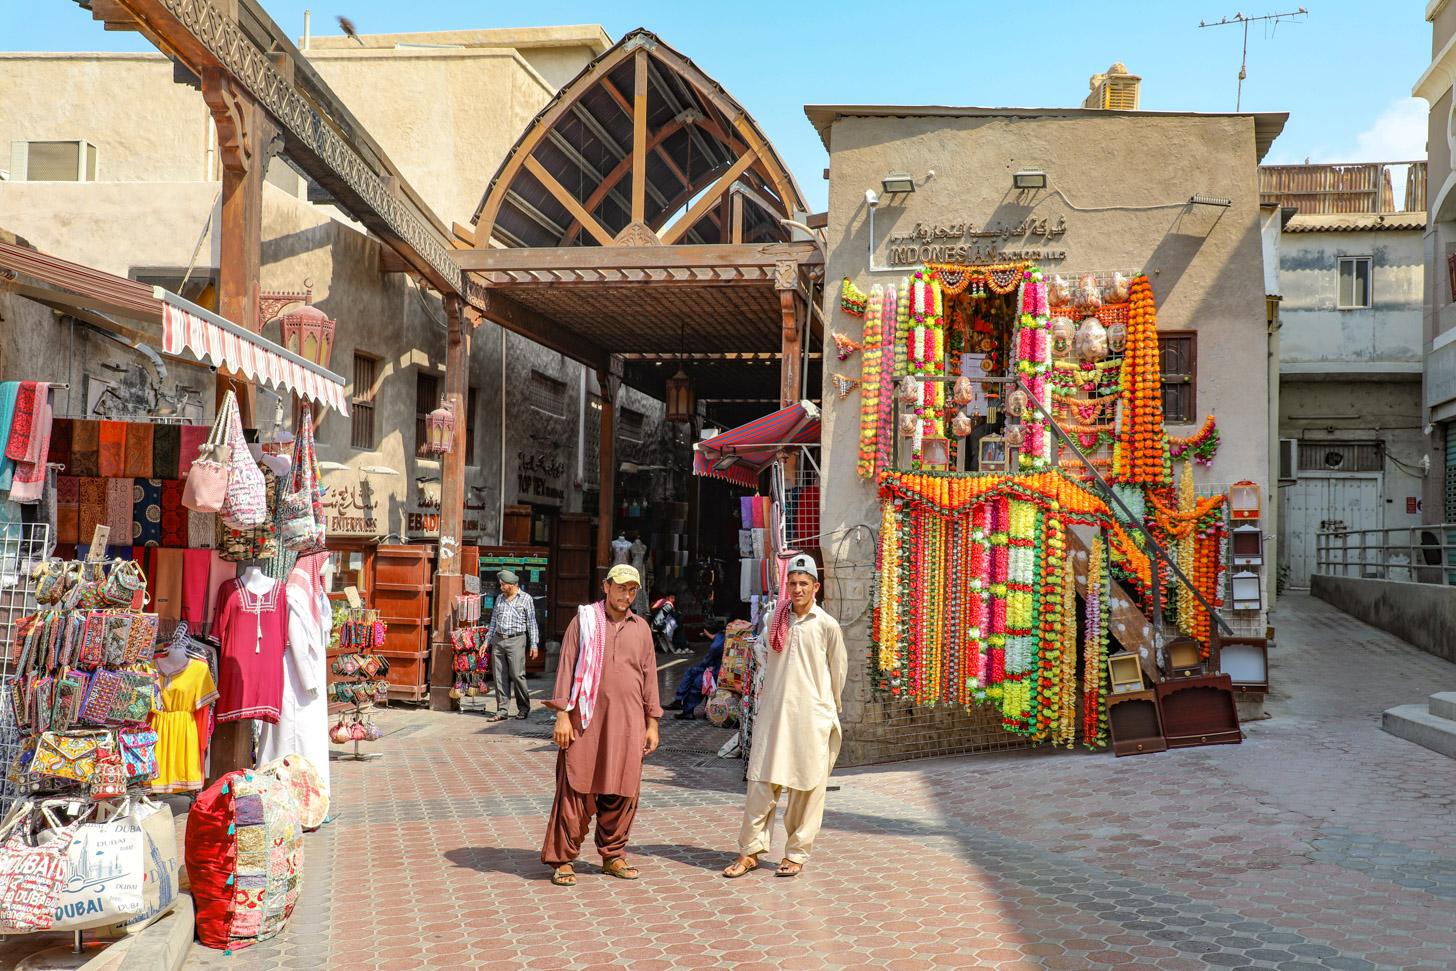 De traditionele souk in de oude wijk Bur Dubai.